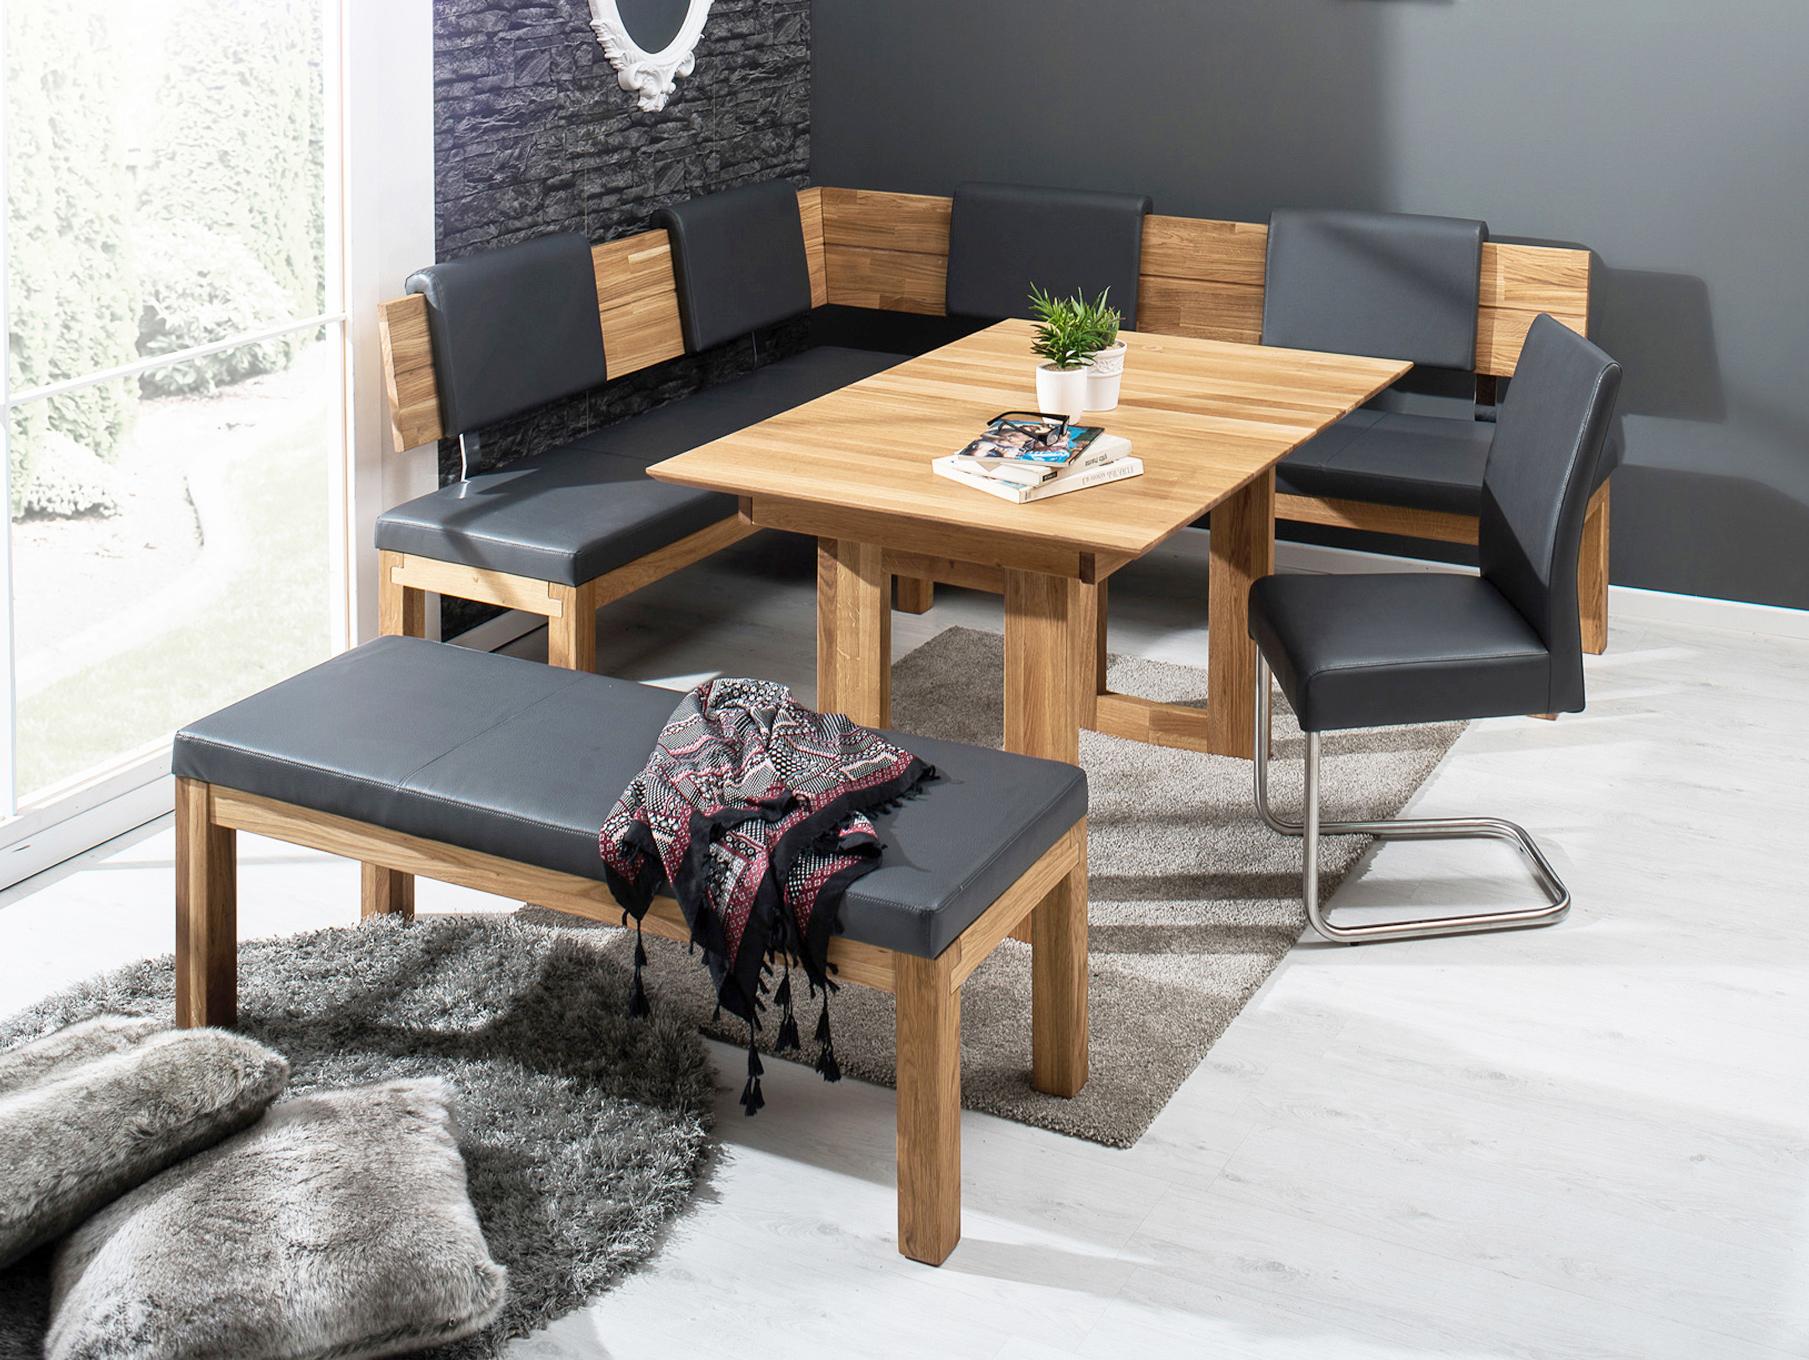 salima eckbank massivholz mit kunstleder bezogen 190 x 150 cm links eiche ge lt grau. Black Bedroom Furniture Sets. Home Design Ideas